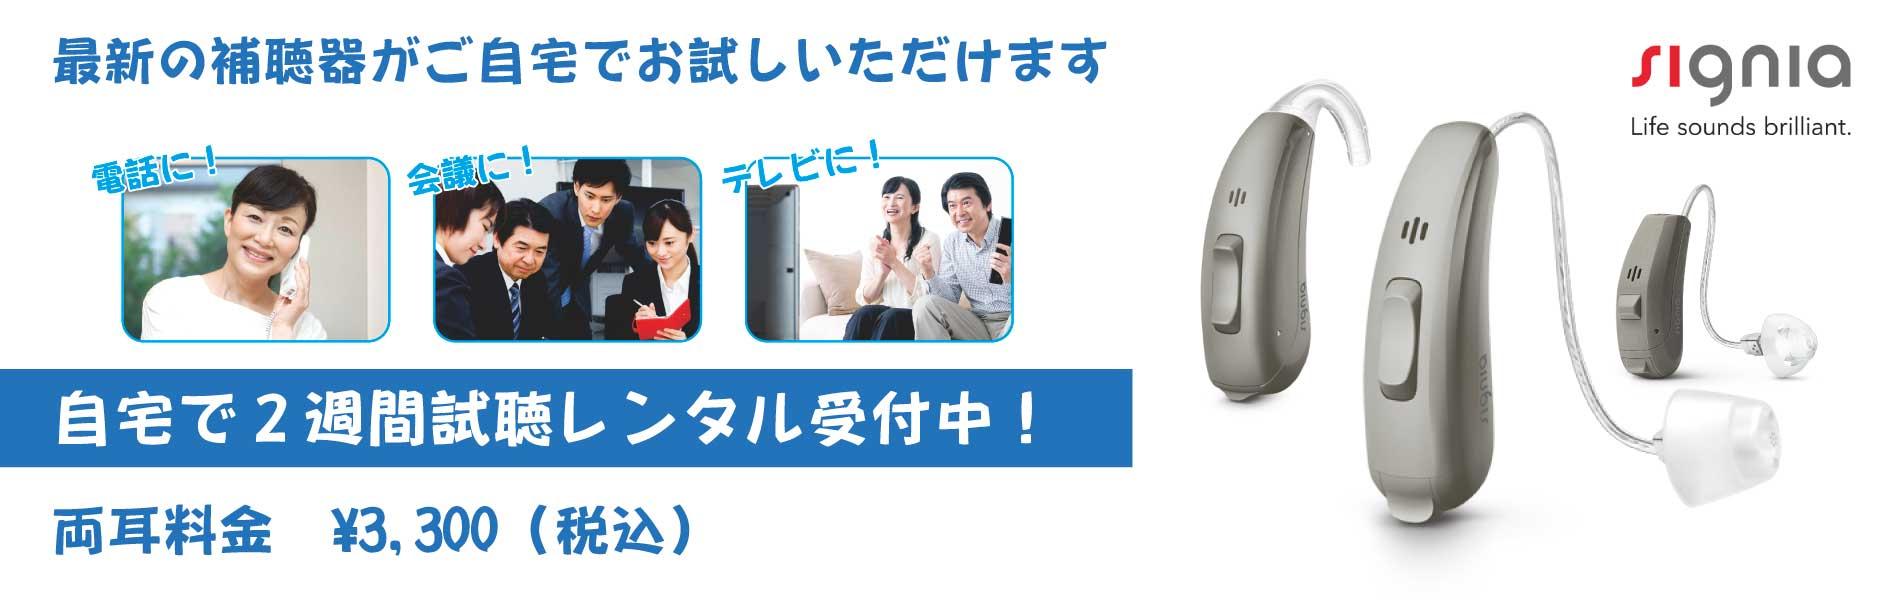 補聴器2週間レンタル受付中!